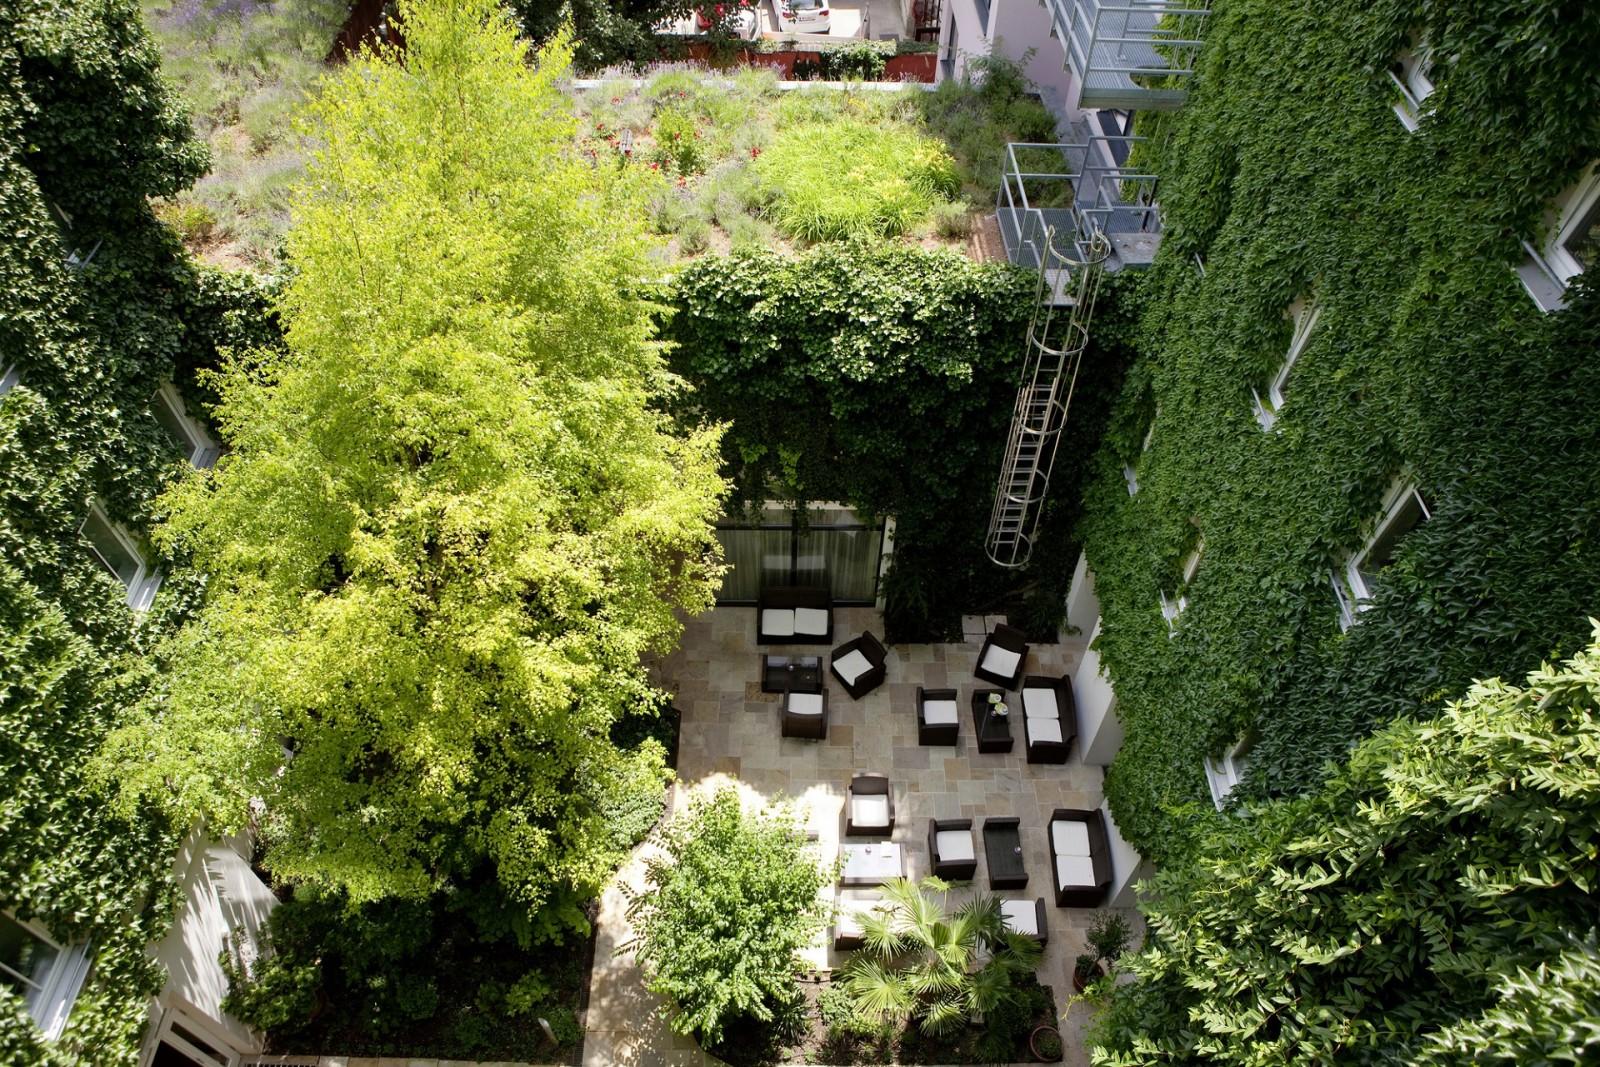 Boutiquehotel stadthalle in vienna privatecityhotels for Design hotel boutique vienna